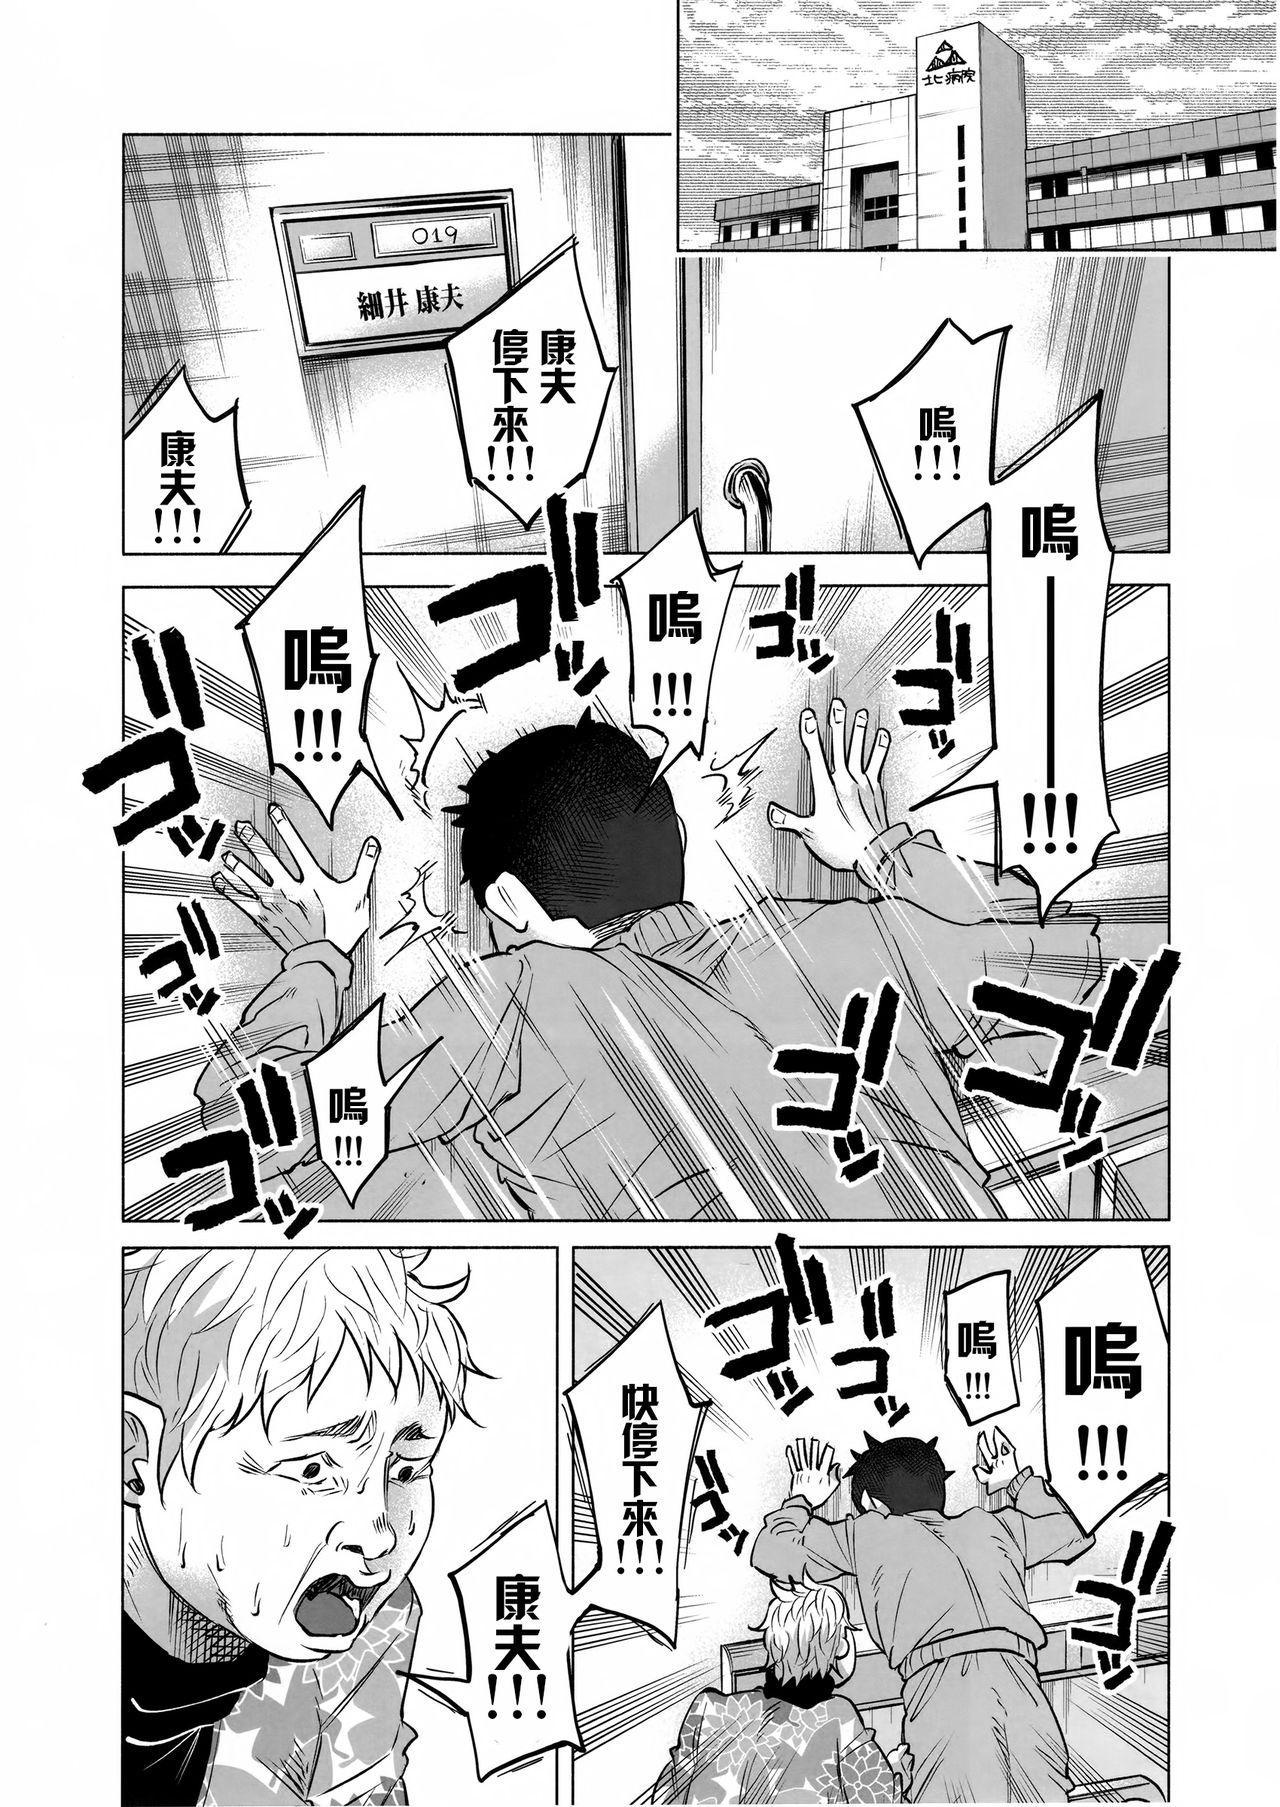 Koi Monogatari 31